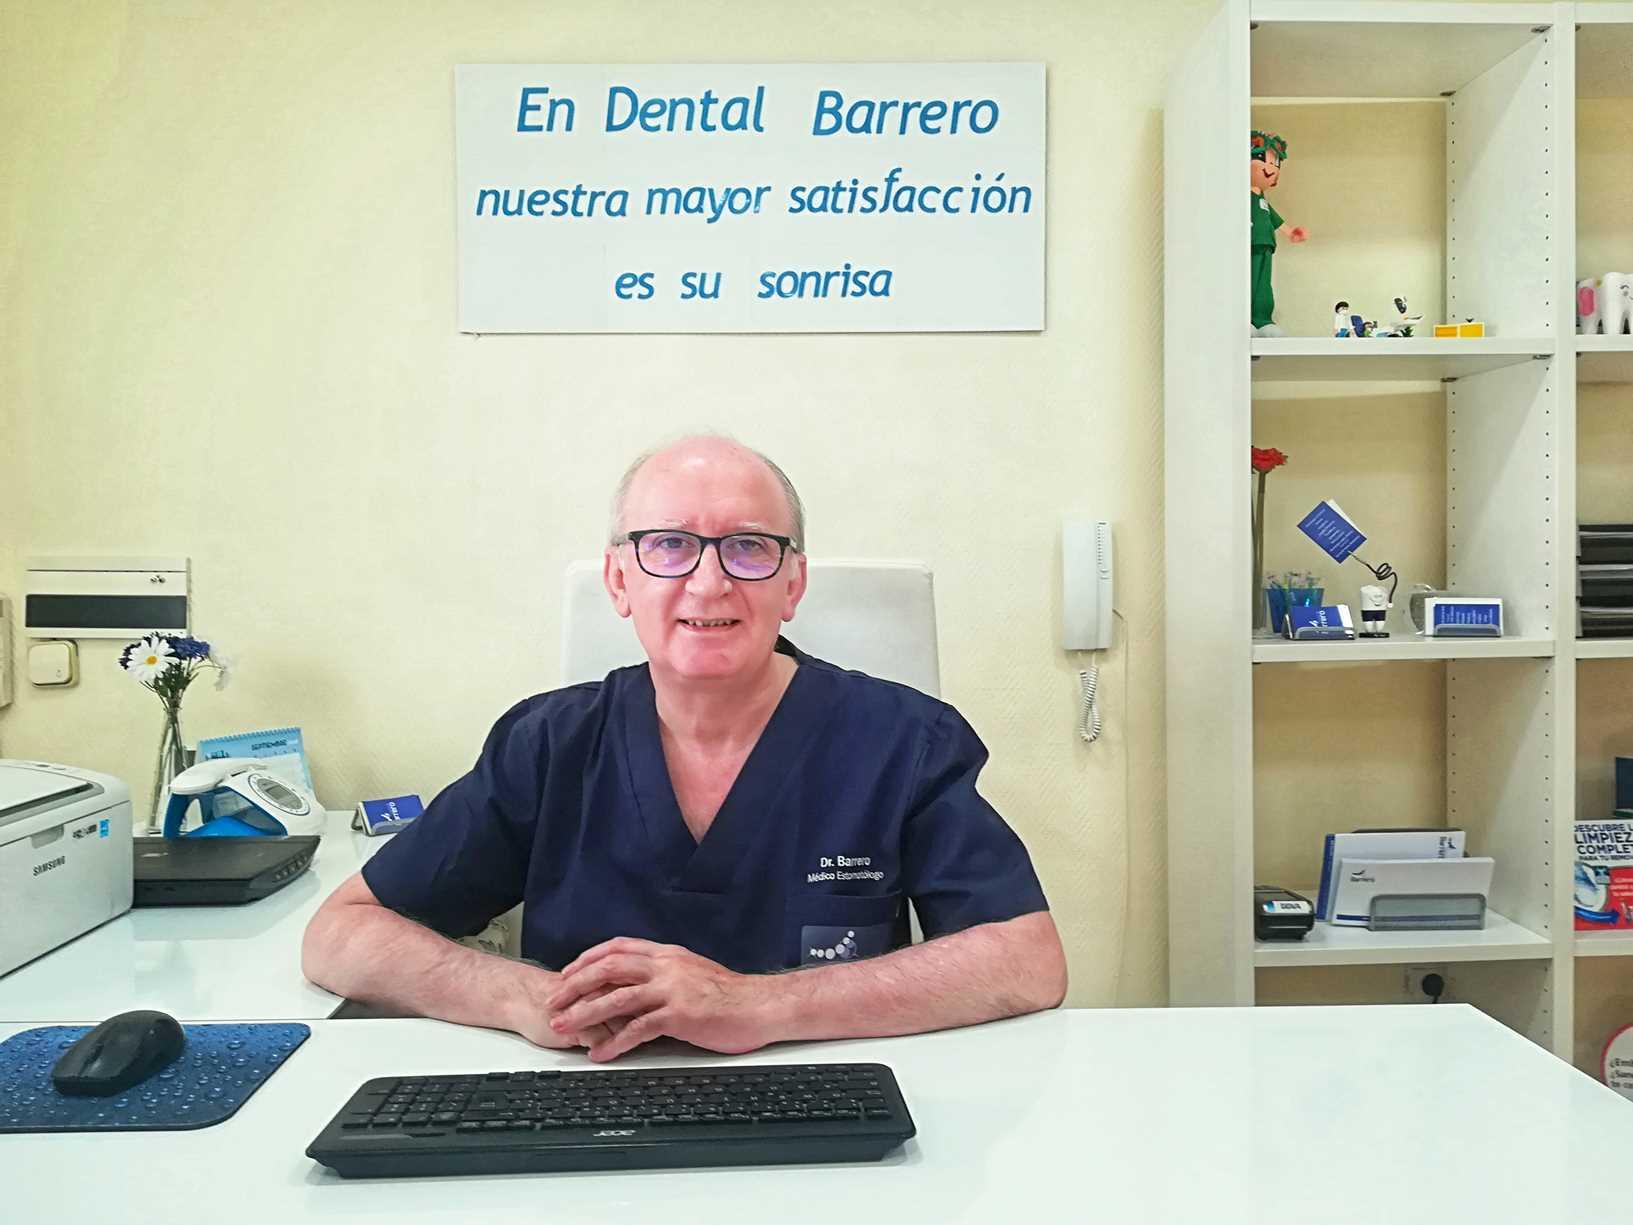 Dr. José María Barrero González